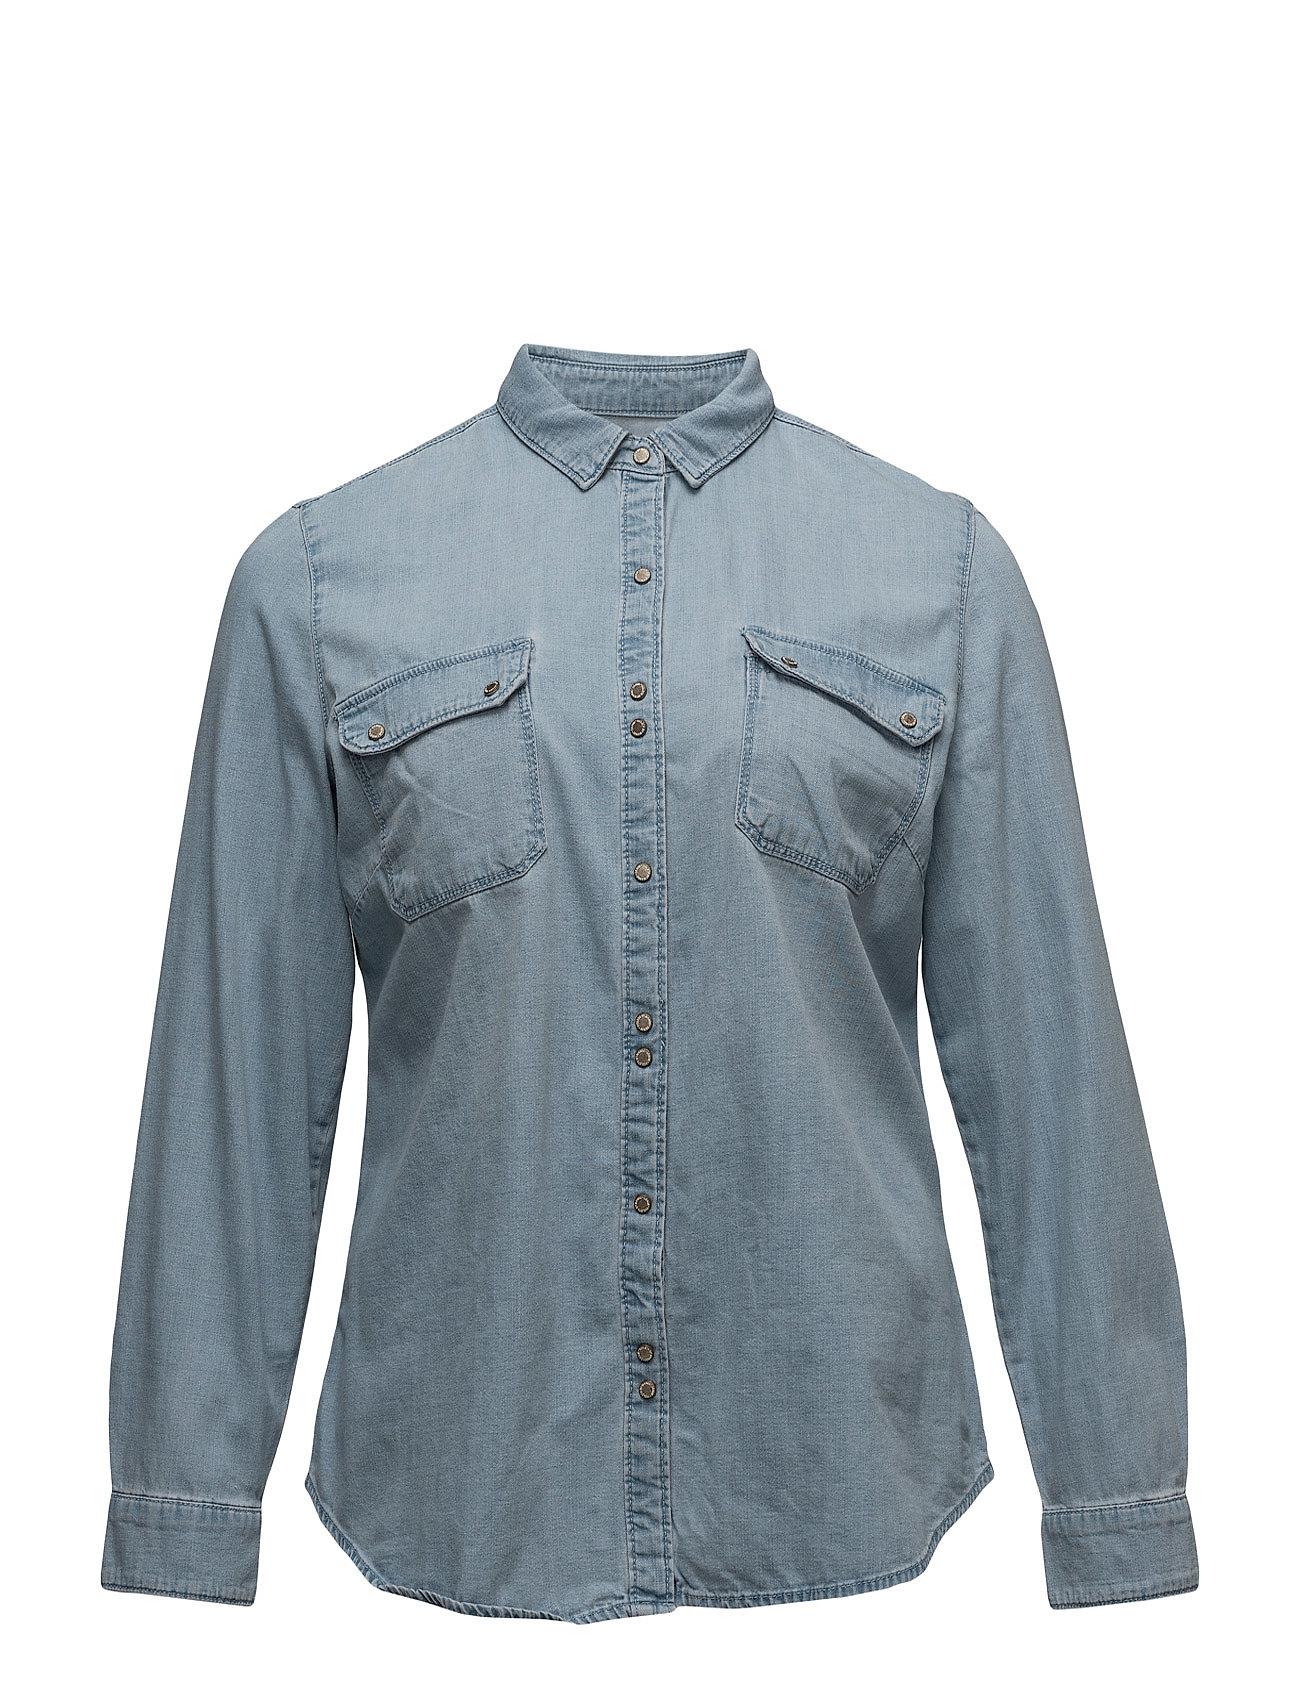 Medium Wash Denim Shirt Violeta by Mango Langærmede til Damer i Open Blå